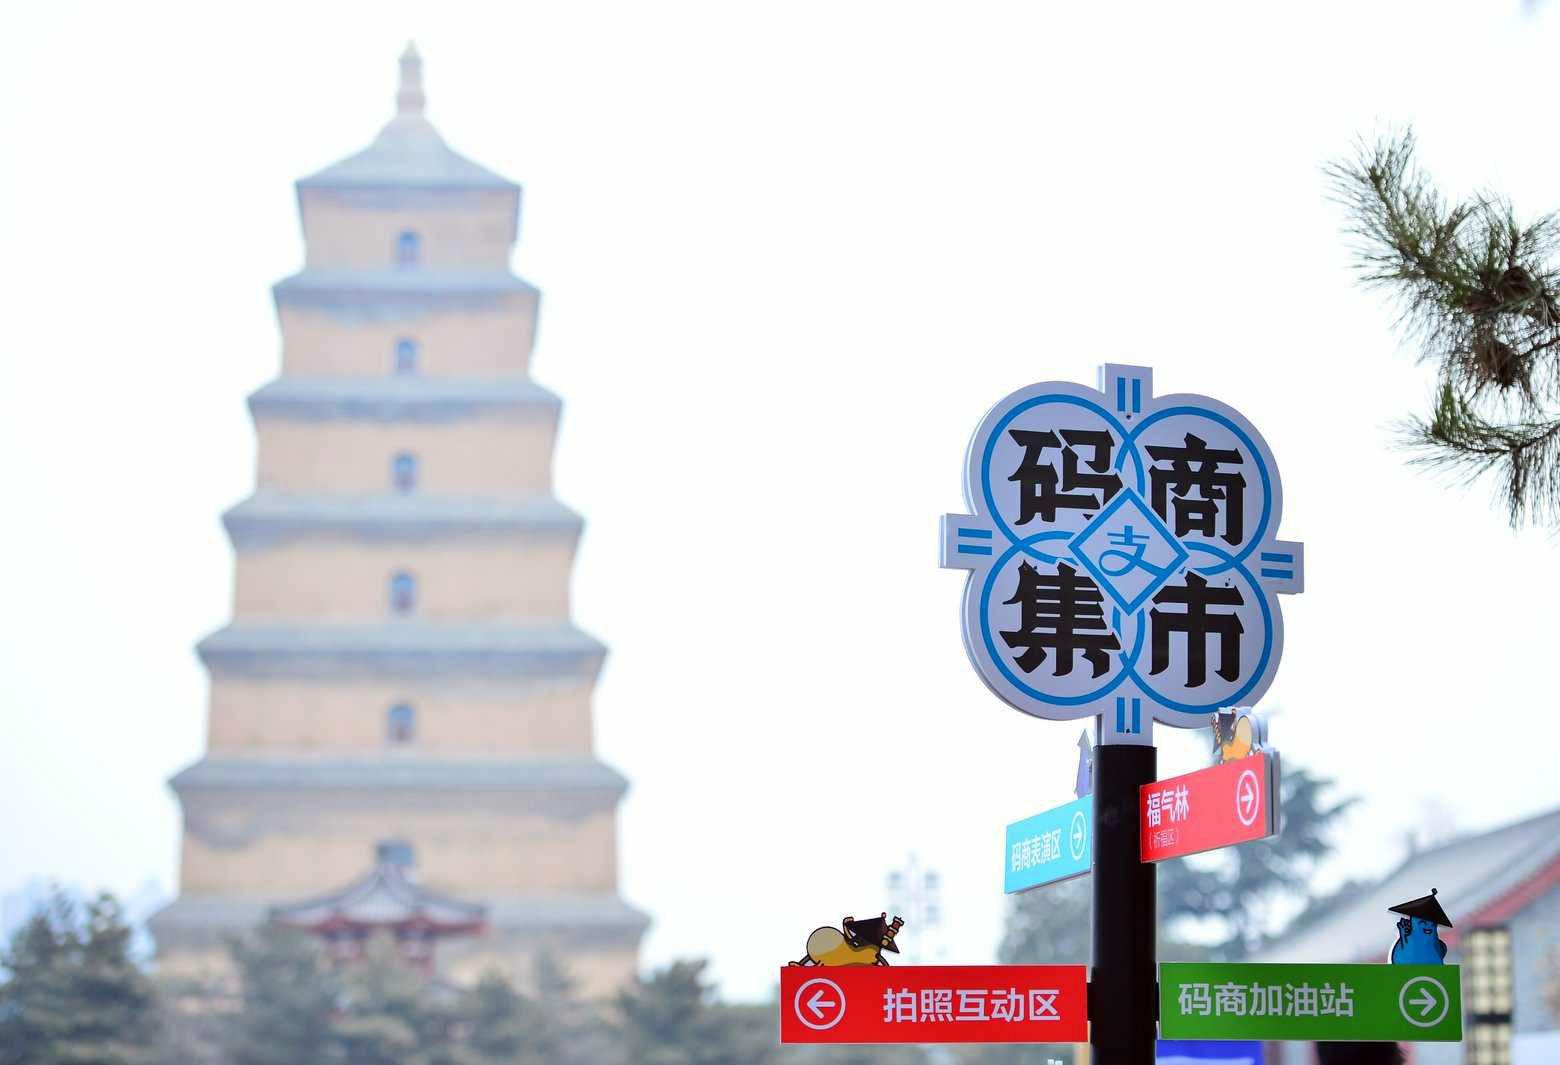 首个刷脸支付商圈现身曲江 西安成西北最大码商之城